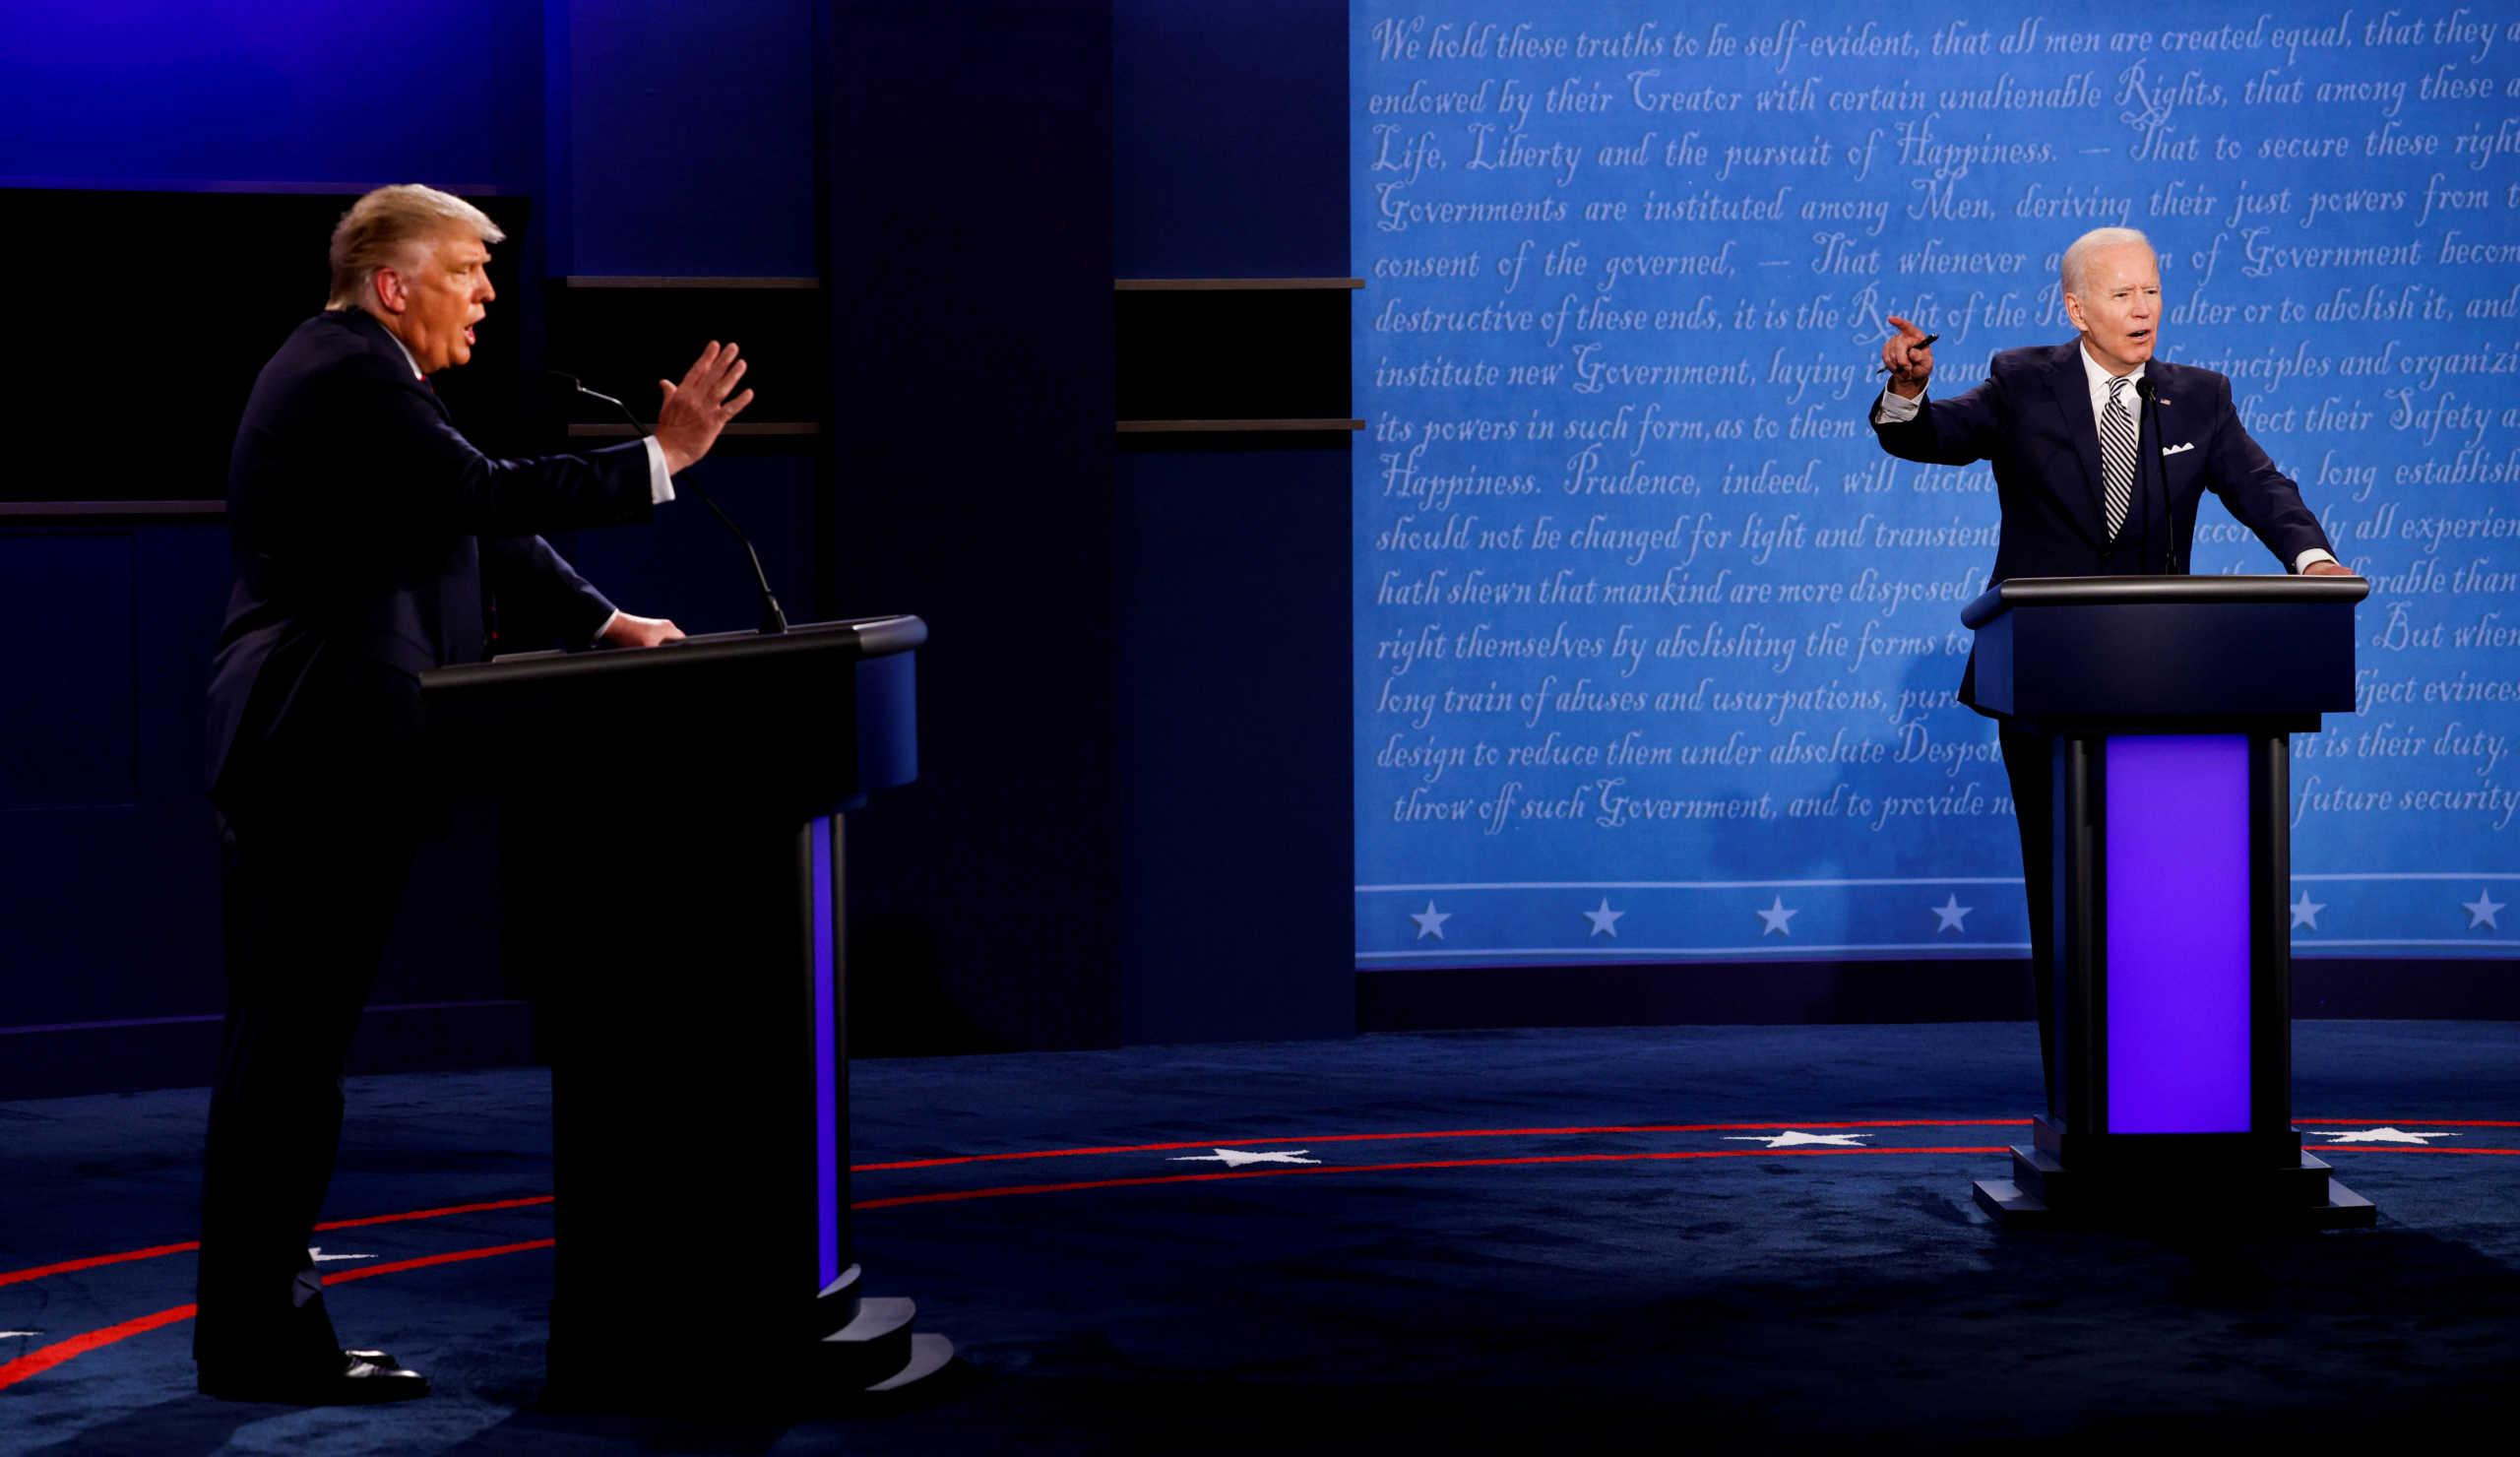 Ντόναλντ Τραμπ και Τζο Μπάιντεντ στο ντιμπέιτ για τις αμερικανικές εκλογές